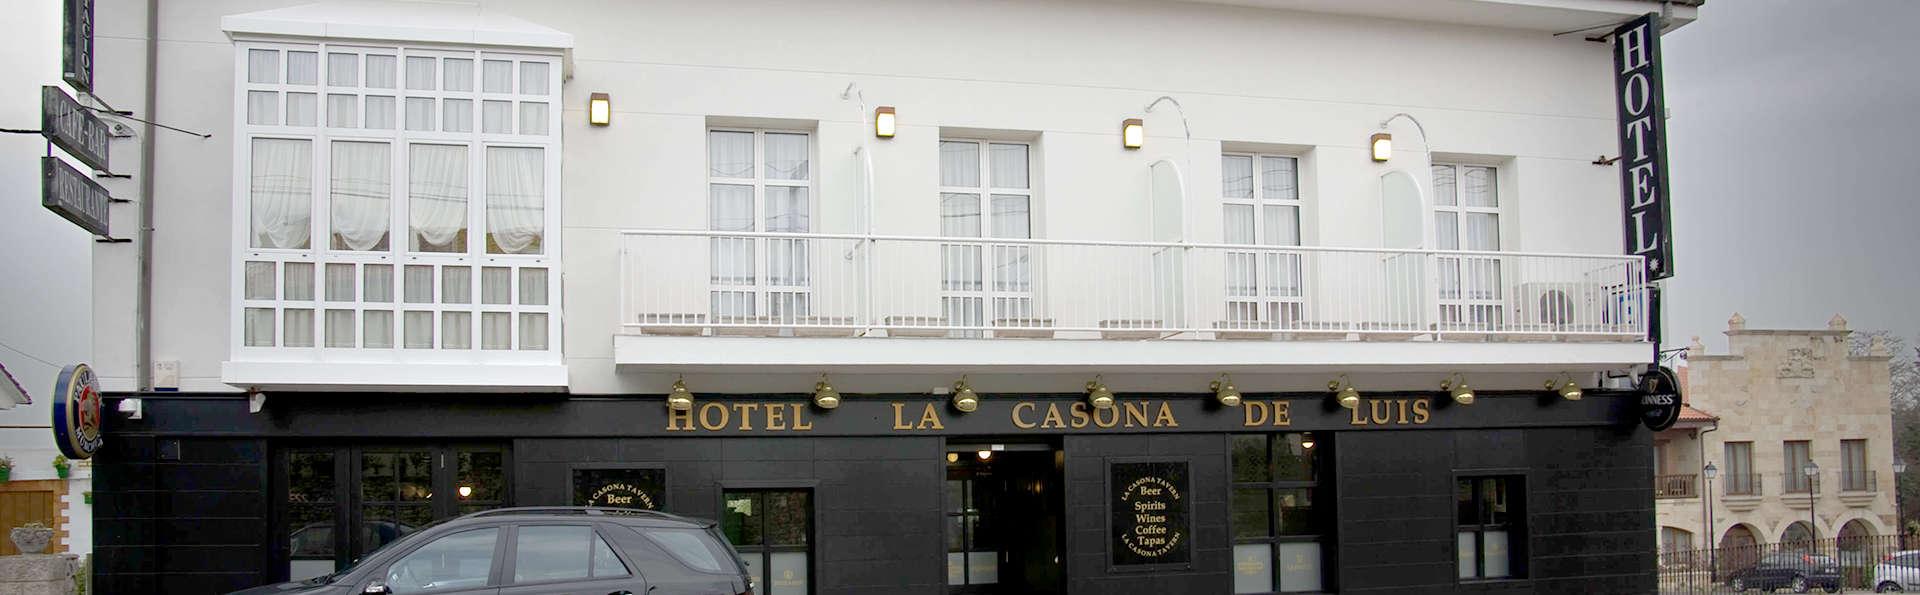 Hotel La Casona de Luis - Edit_Front.jpg